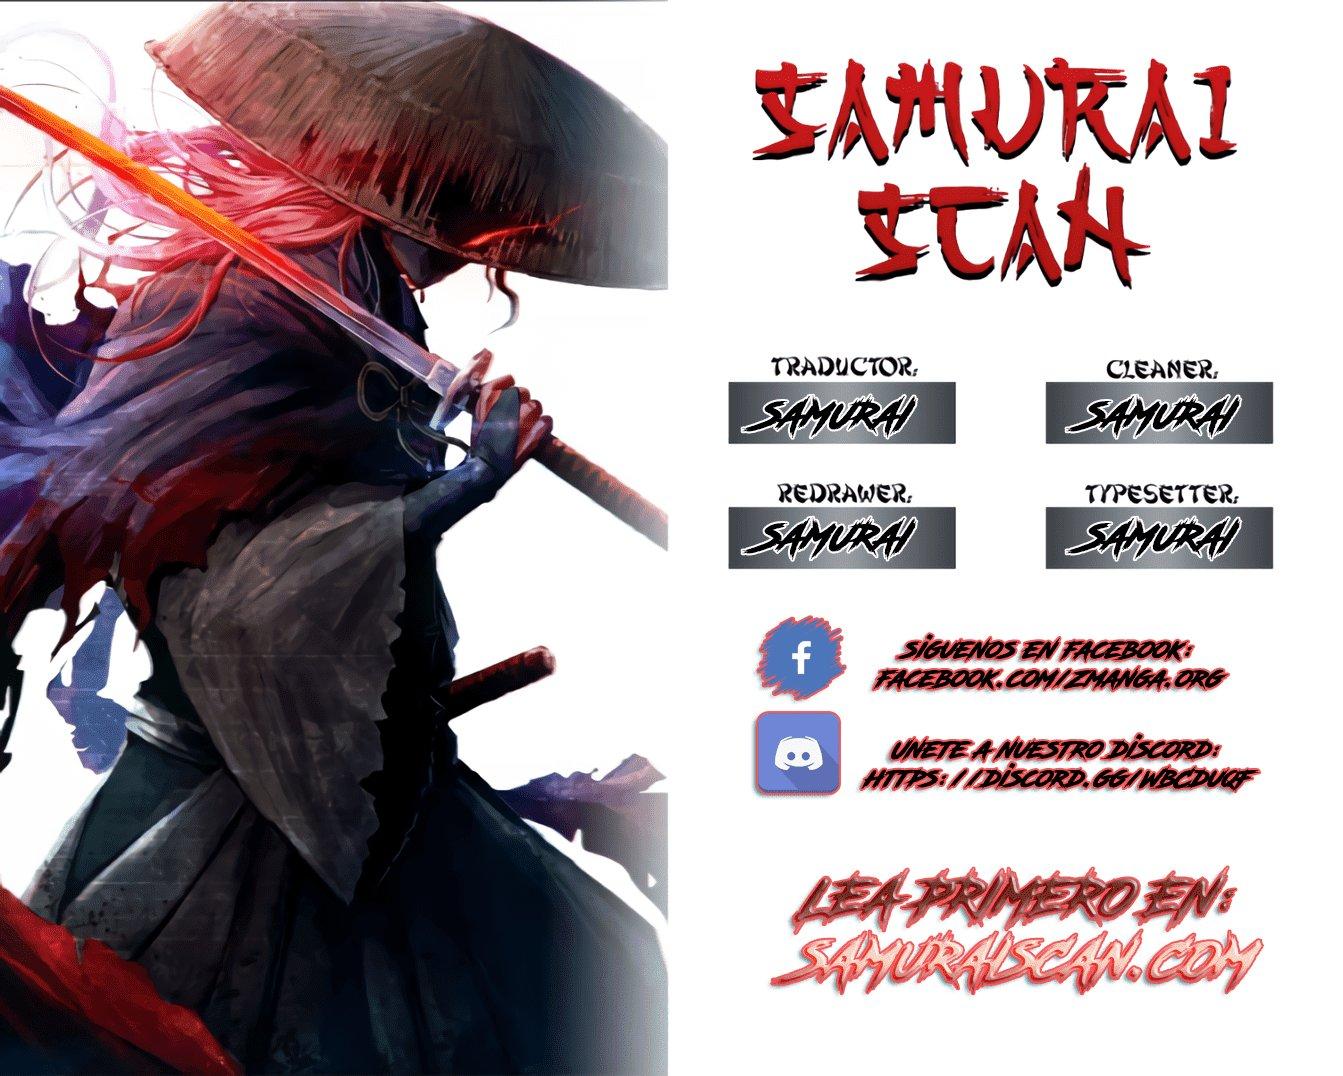 https://nine.mangadogs.com/es_manga/pic8/24/21016/944021/5826be03bc3691a4428066687ec7fbac.jpg Page 1